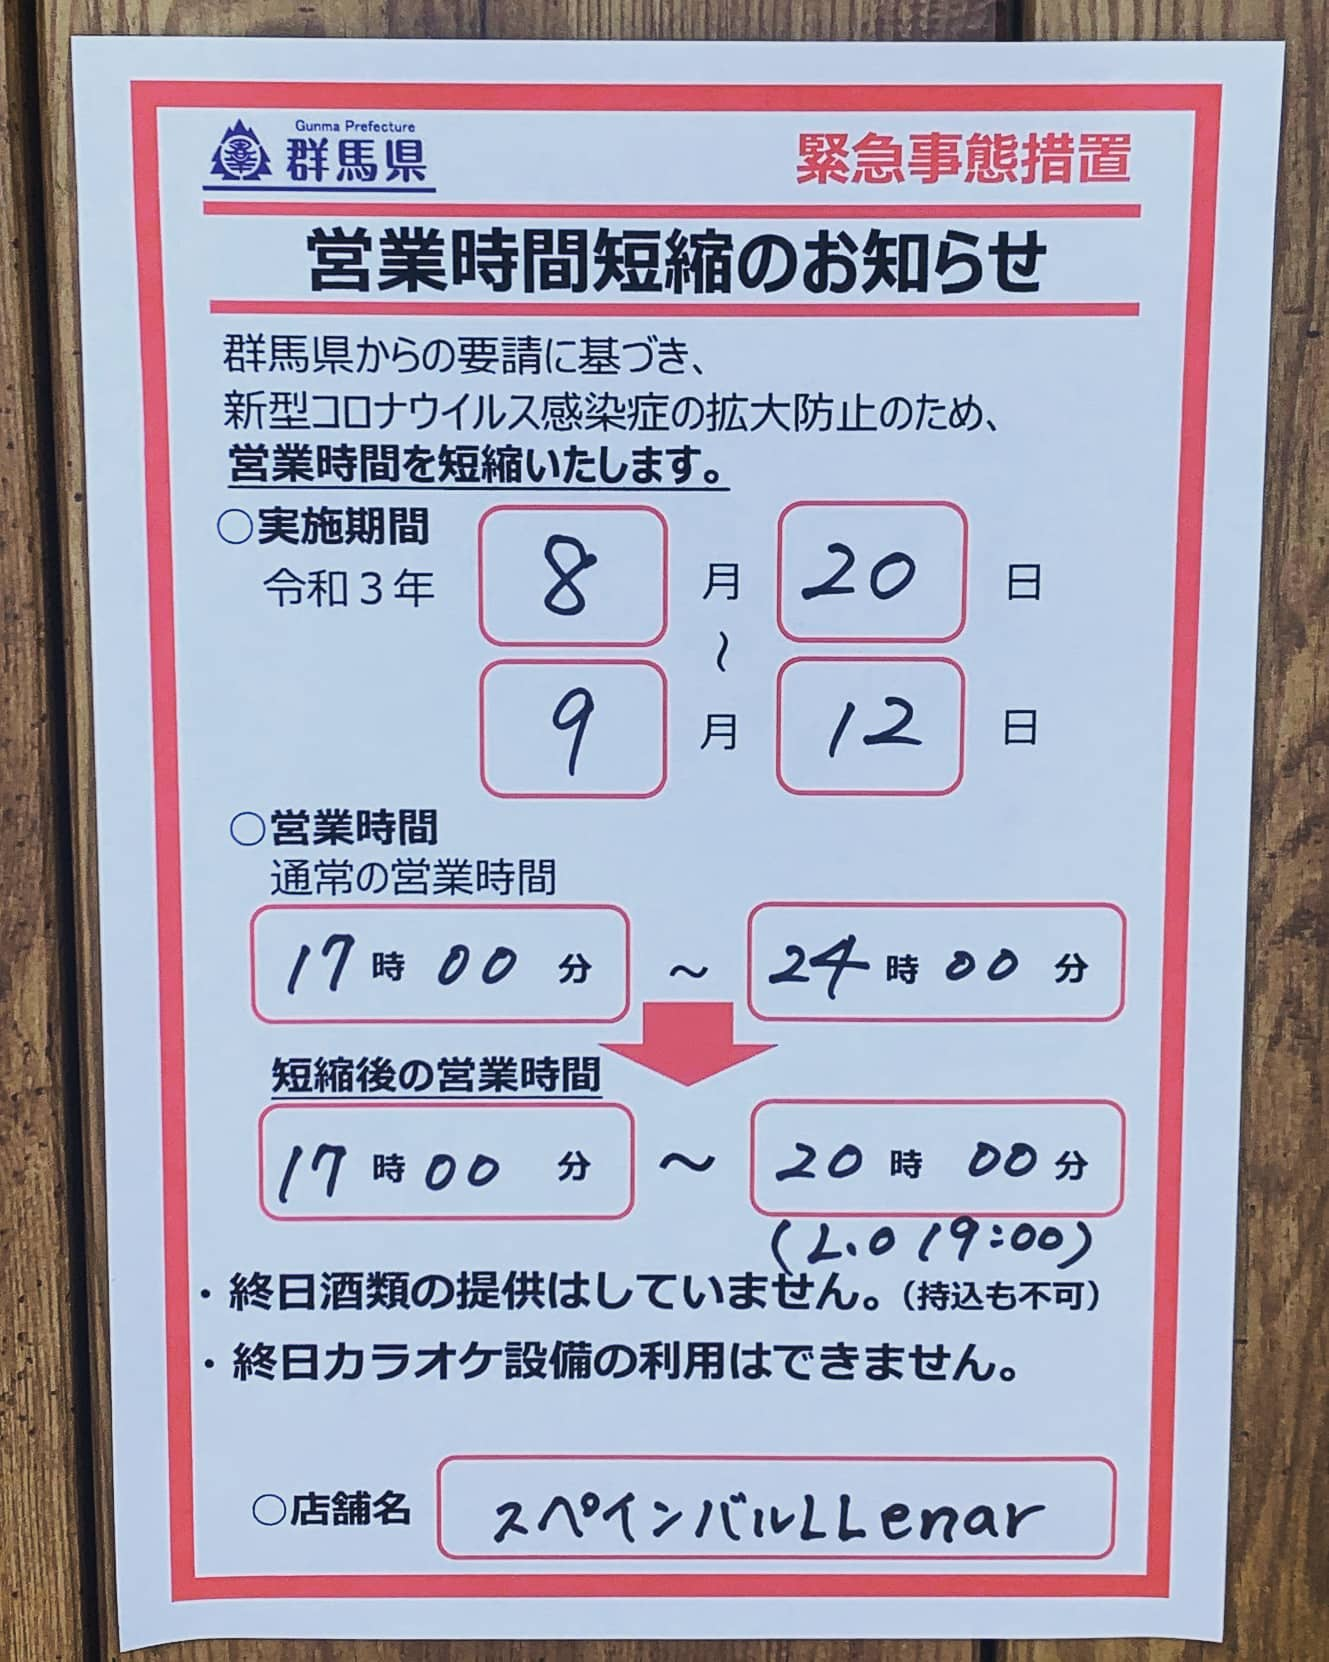 お知らせ 本日より緊急事態措置のため 8月20日〜9月12日の期間 (月)(火)(水)お休みと させて頂きます。  ・営業時間 17:00〜20:00(L.O19:00) ・テイクアウト受付、受け取り時間 12:00〜20:00 ・ランチ(予約制) 12:00〜15:00 夜のメニューorランチコース(2500) ※引き続き、お酒の提供は出来ませんので ご理解のほどよろしくお願い致します。  #群馬  #太田  #スペインバル  #ジェナール  #テイクアウト  #タパス  #ランチ